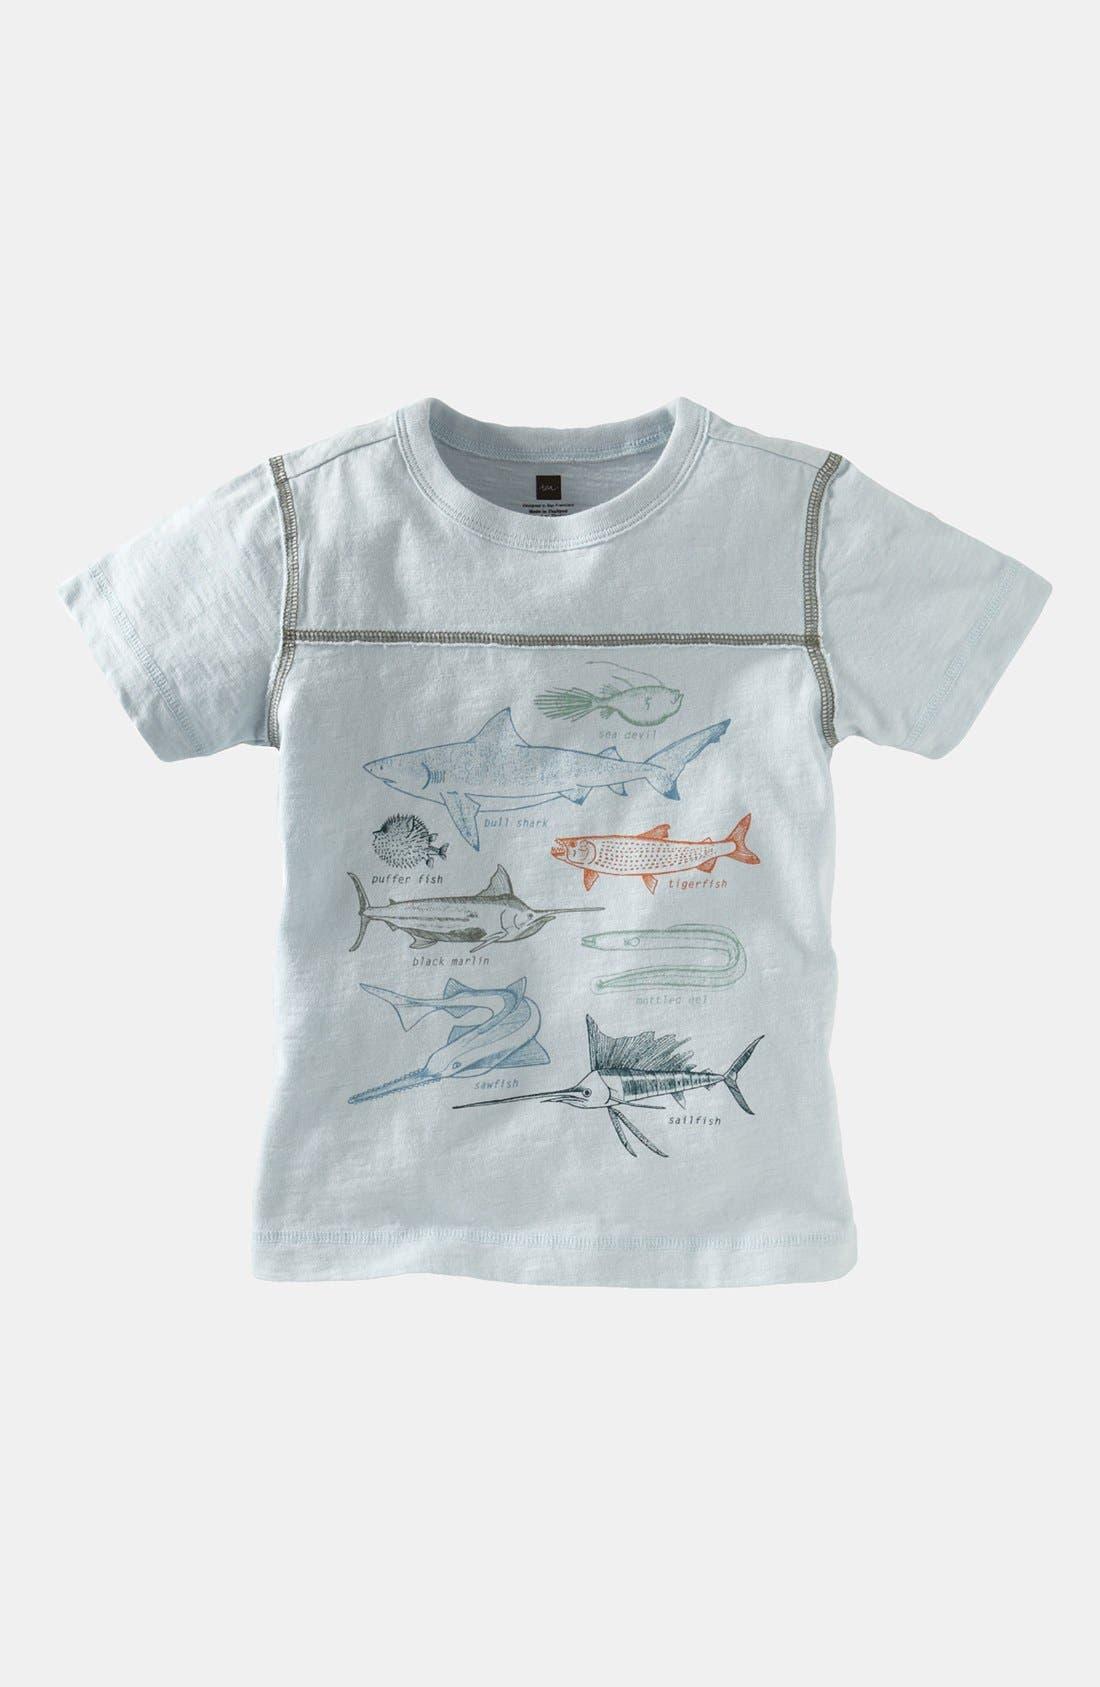 Main Image - Tea Collection 'Fish I.D.' T-Shirt (Toddler)